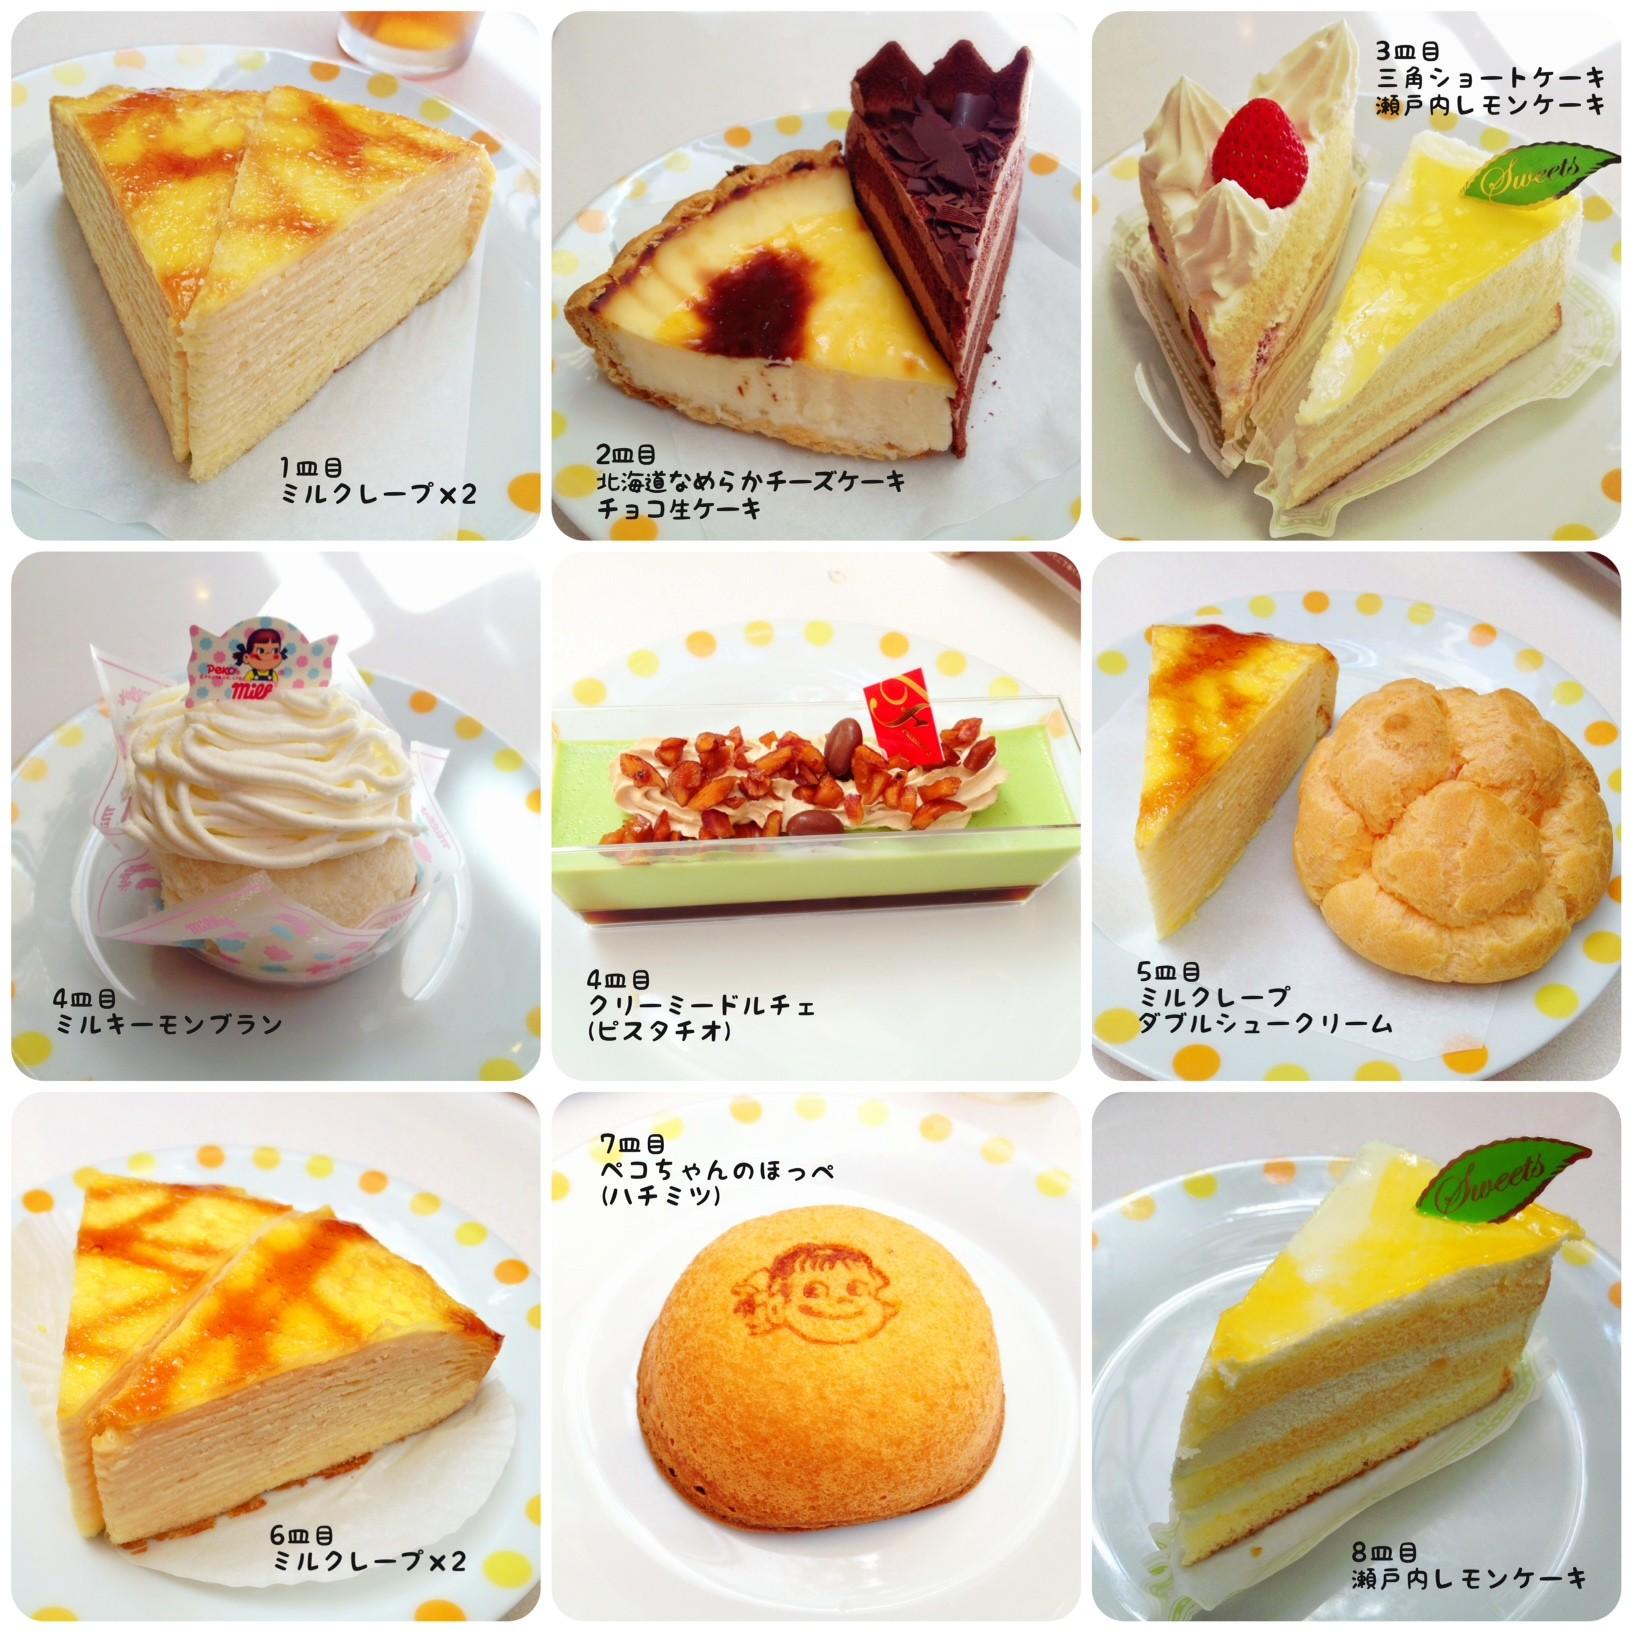 hujiya-cake.jpg